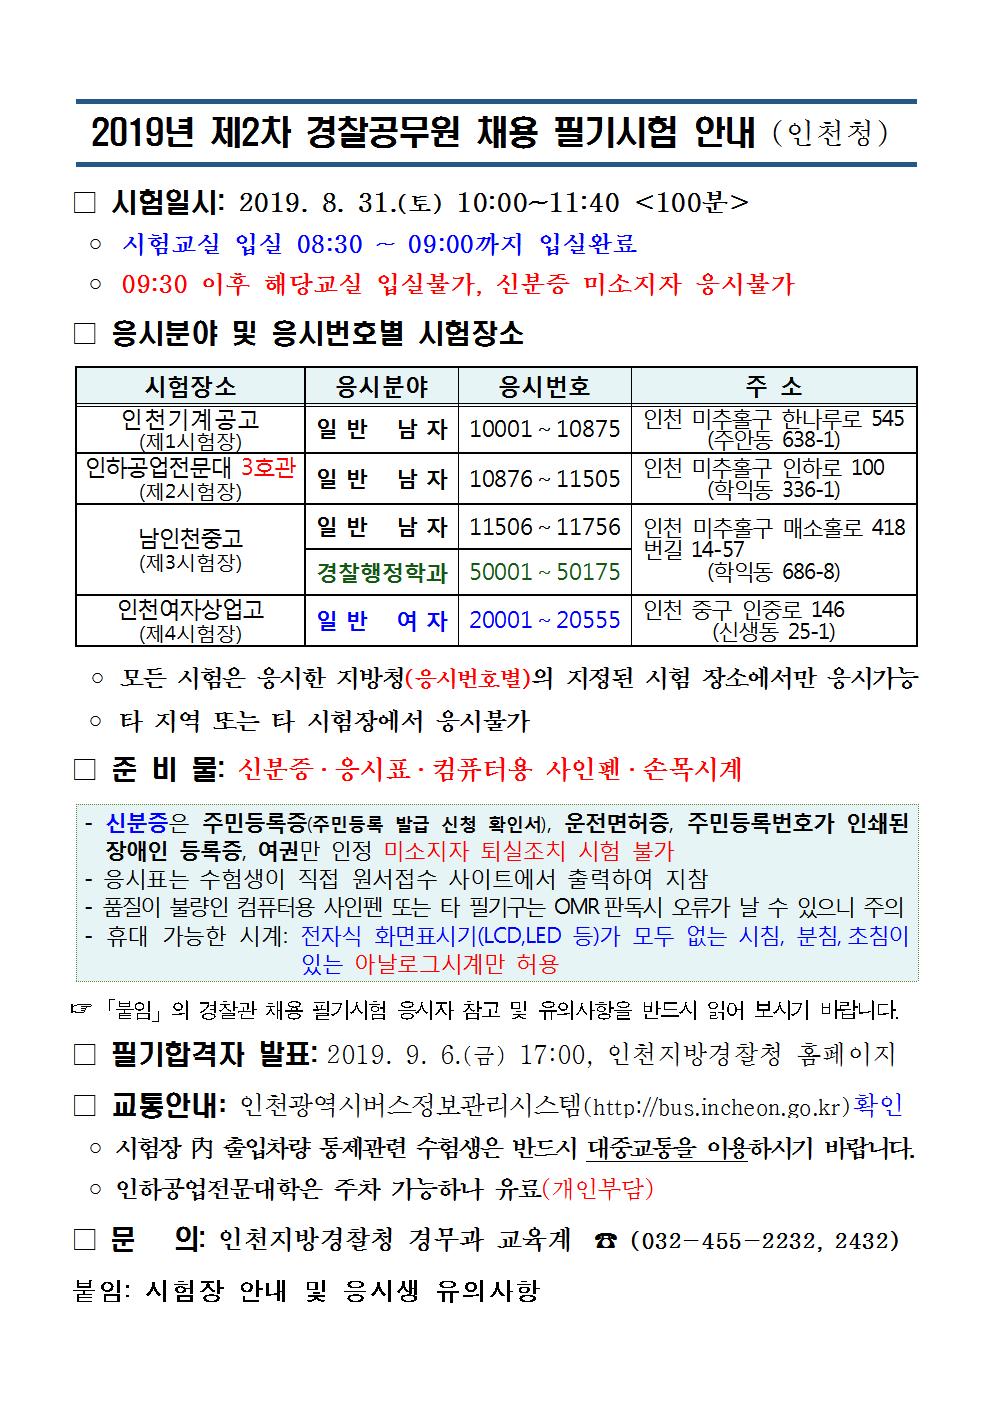 2019년 2차 경찰공무원 채용 필기시험장 안내001.png